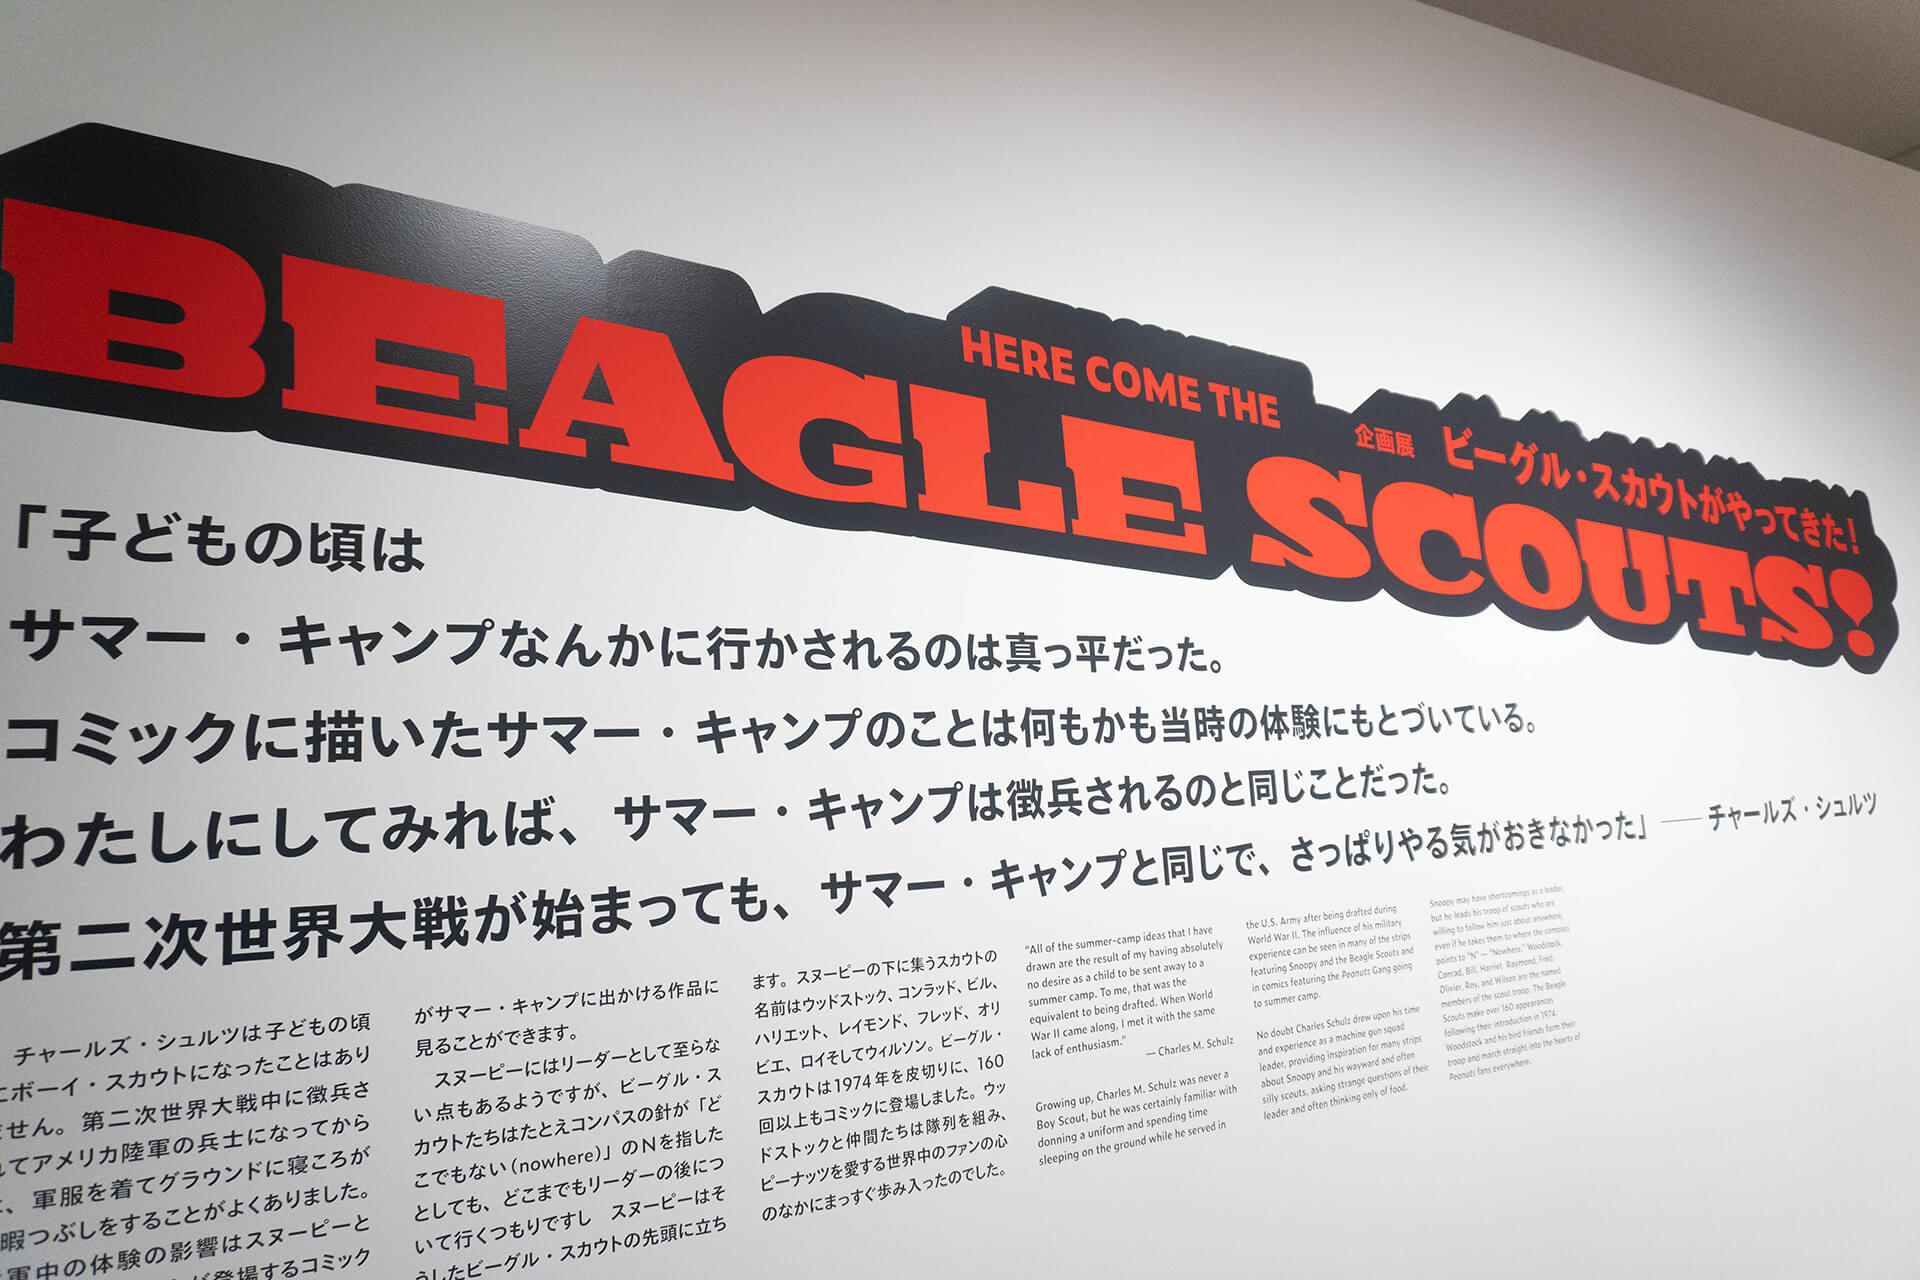 スヌーピーミュージアム東京・企画展